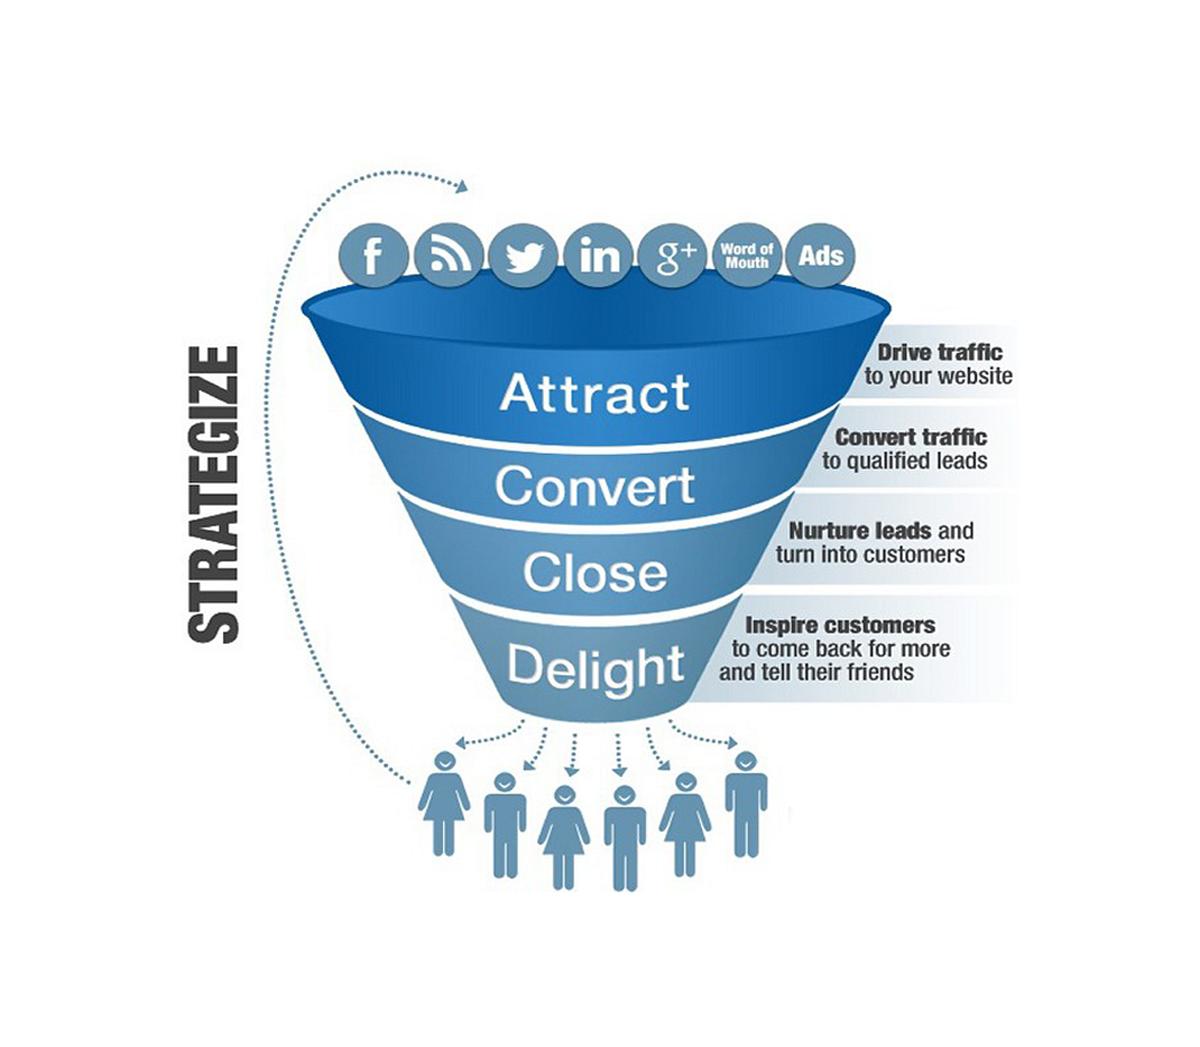 Inbound Marketing Services, Inbound Marketing Strategy, Content Marketing Services -By Omkara Marketing Services